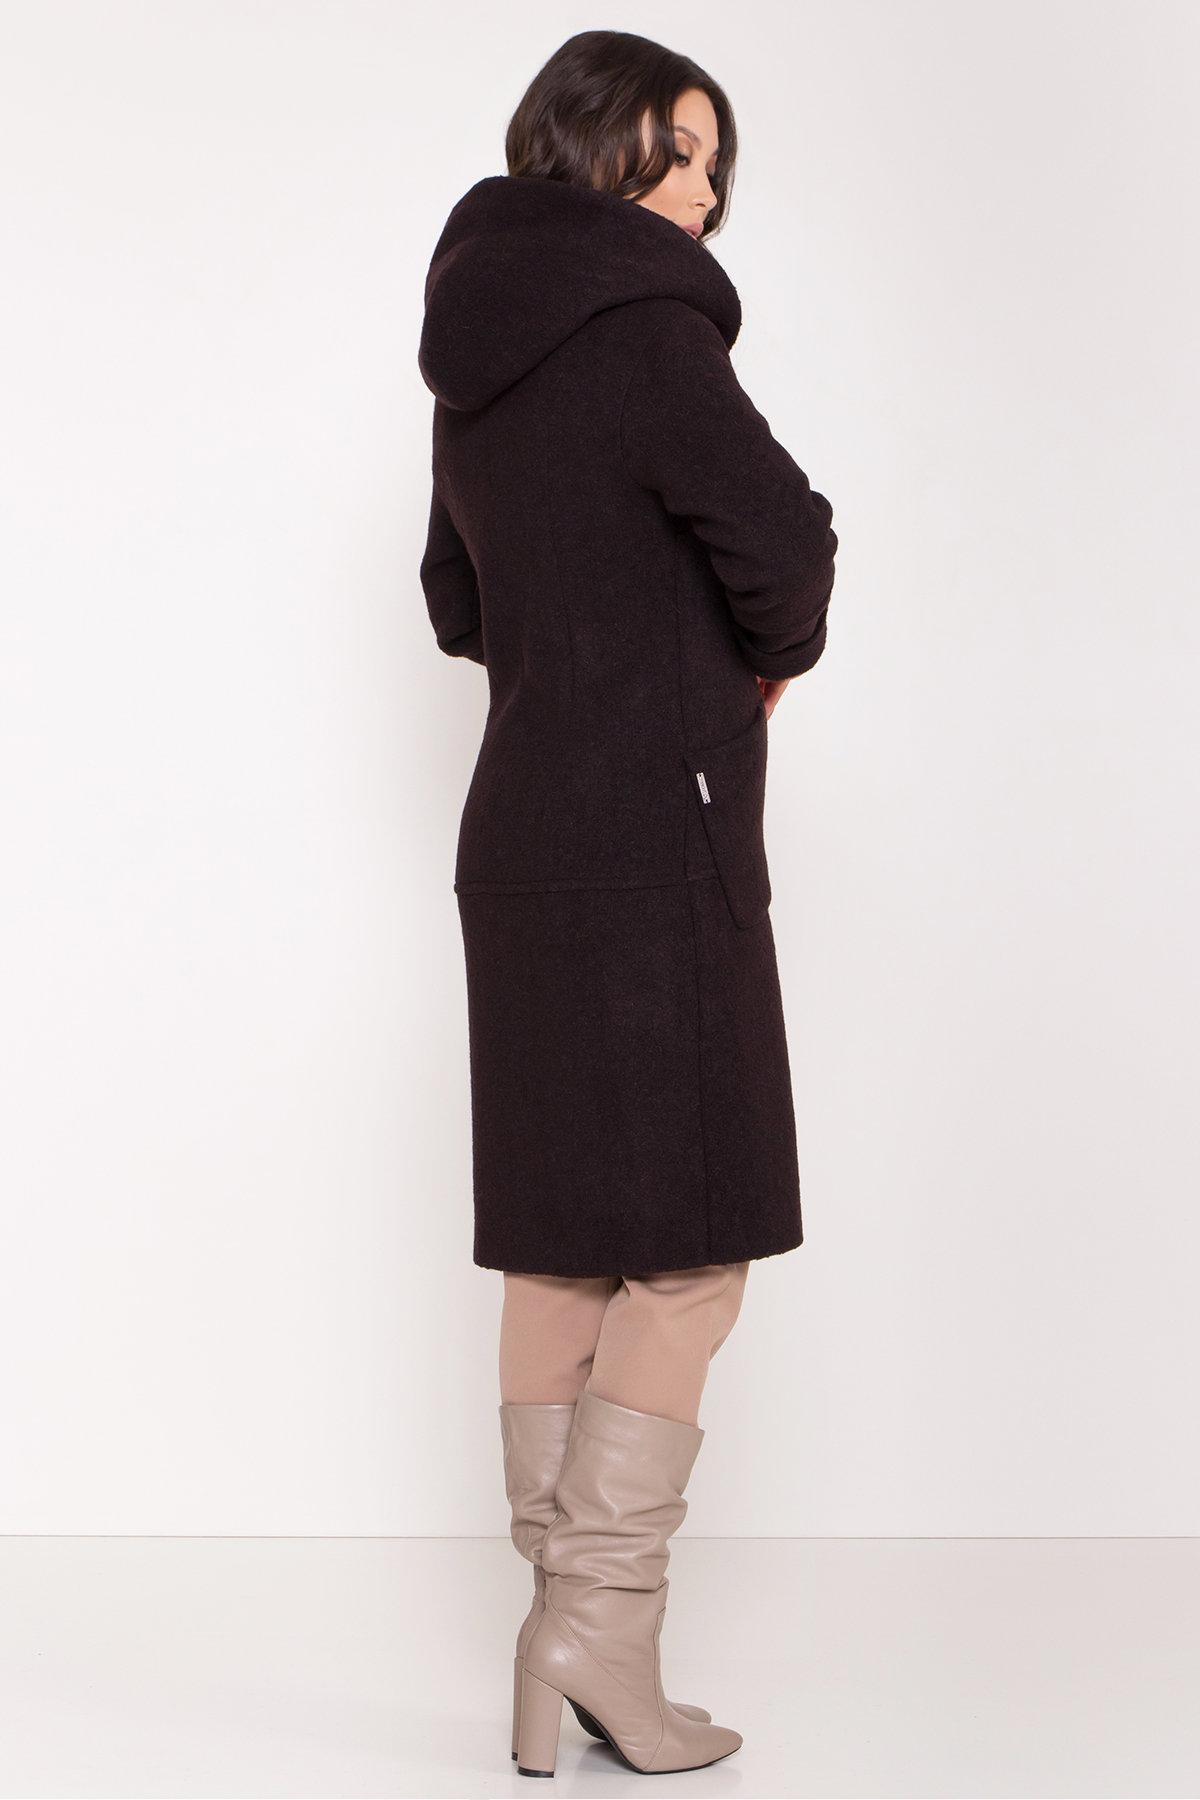 Пальто с капюшоном зимнее Анита 8327 АРТ. 44771 Цвет: Шоколад - фото 3, интернет магазин tm-modus.ru